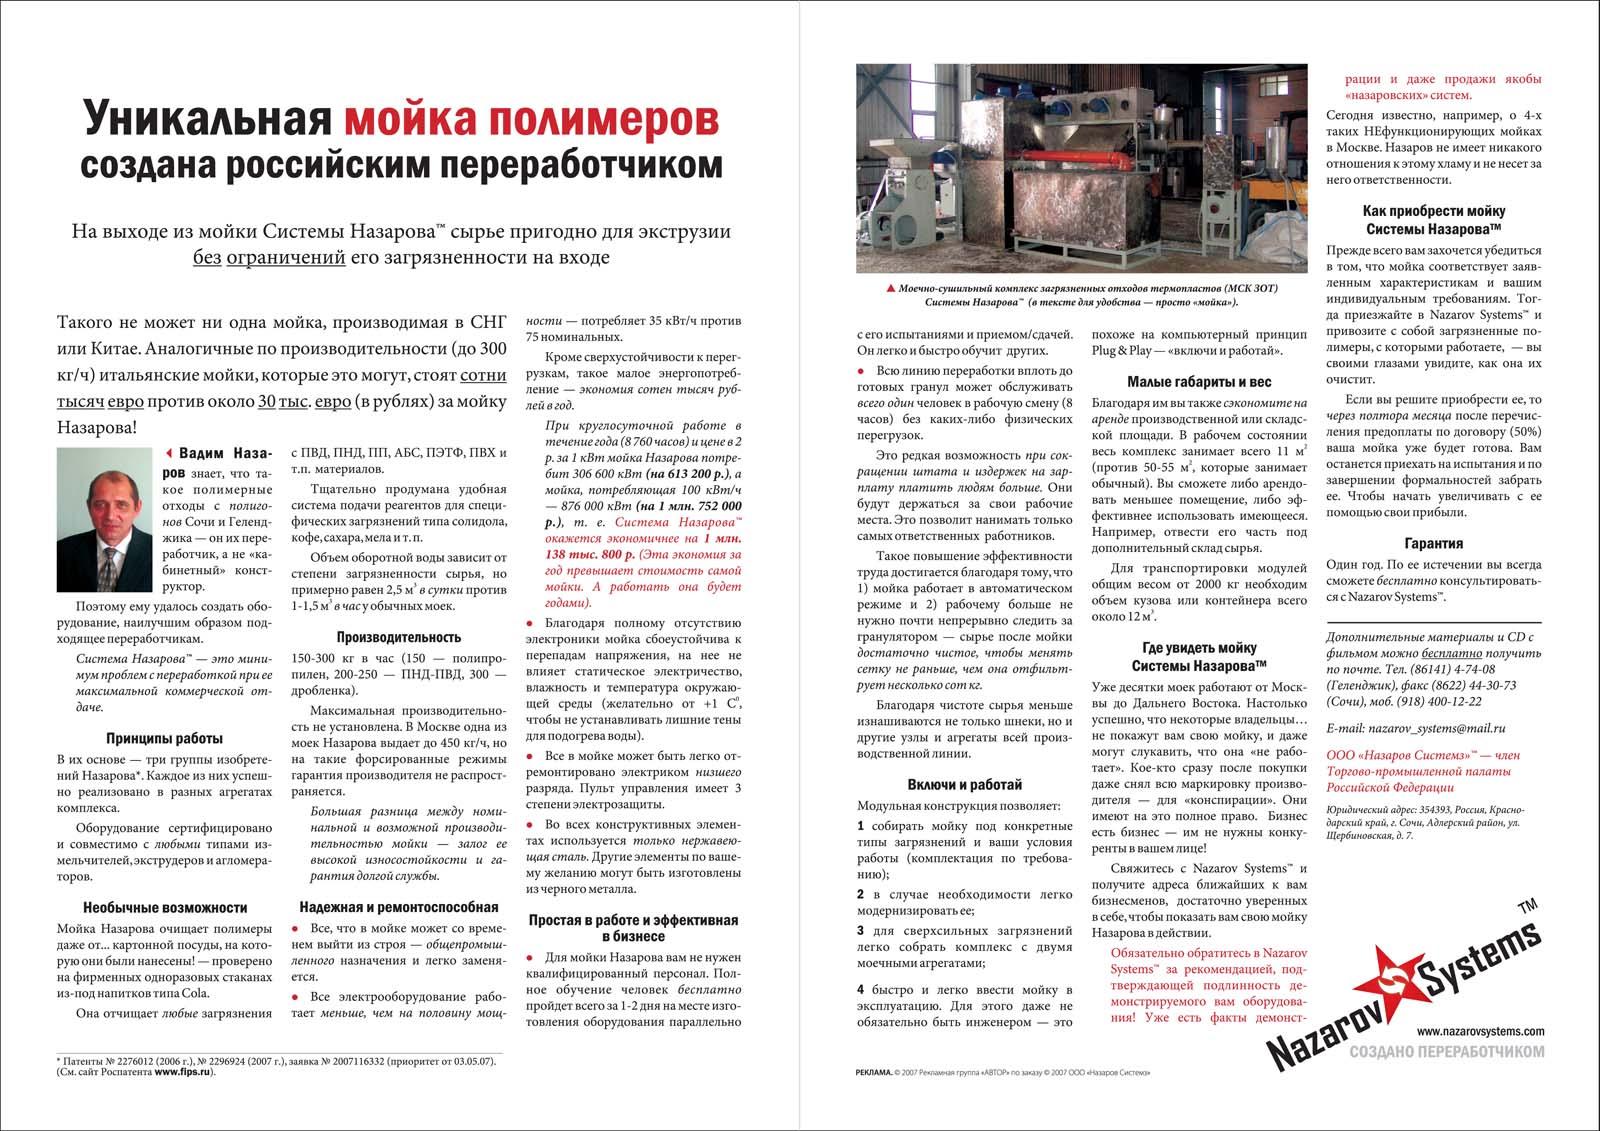 Печатная реклама, Денис Богомолов, мойка полимеров Назарова